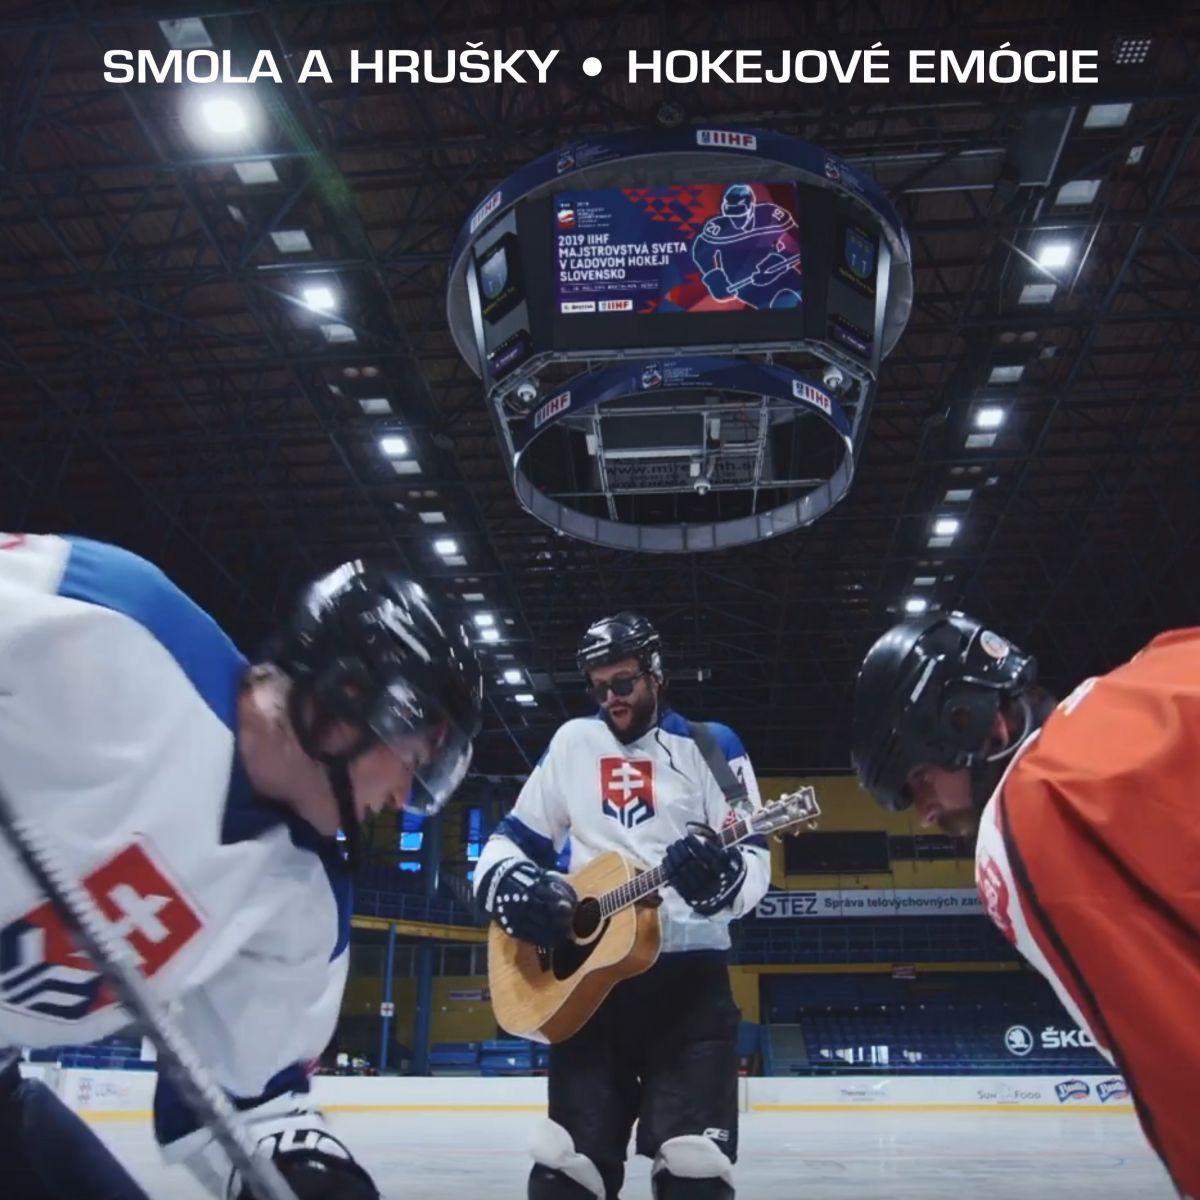 Video: Nová anti hymna od Smola a Hrušky Hokejové emócie